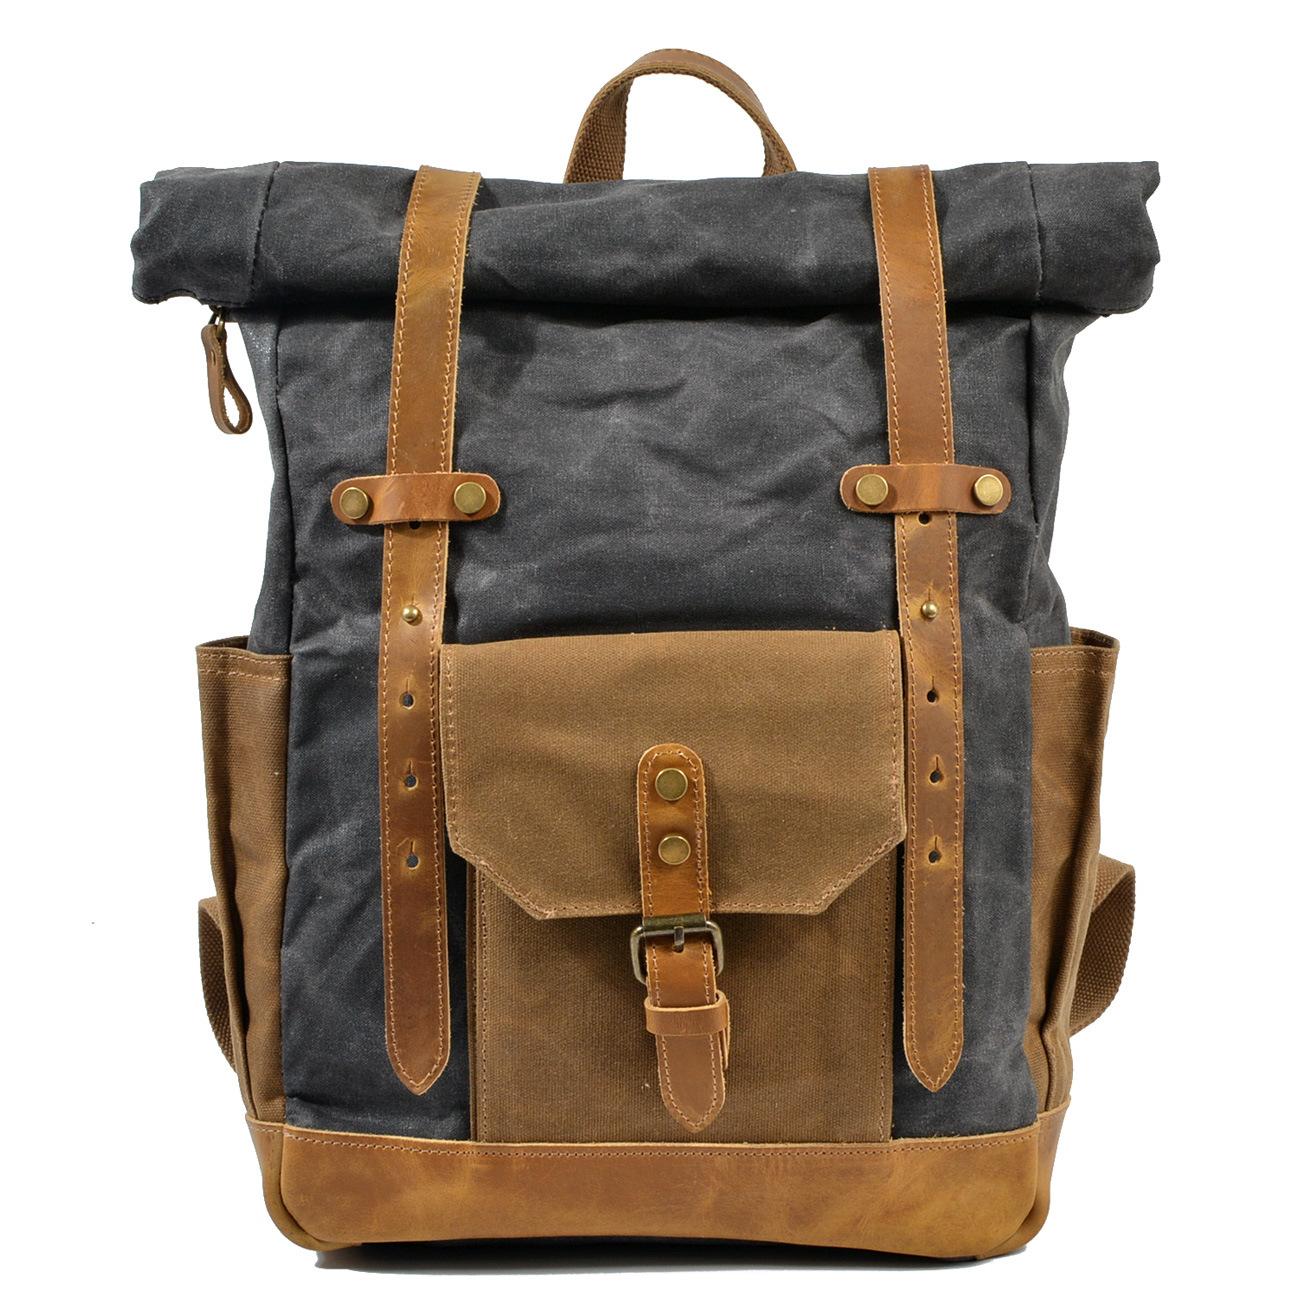 复古撞色油蜡防水帆布旅行背包电脑书包大容量户外女士双肩包男包